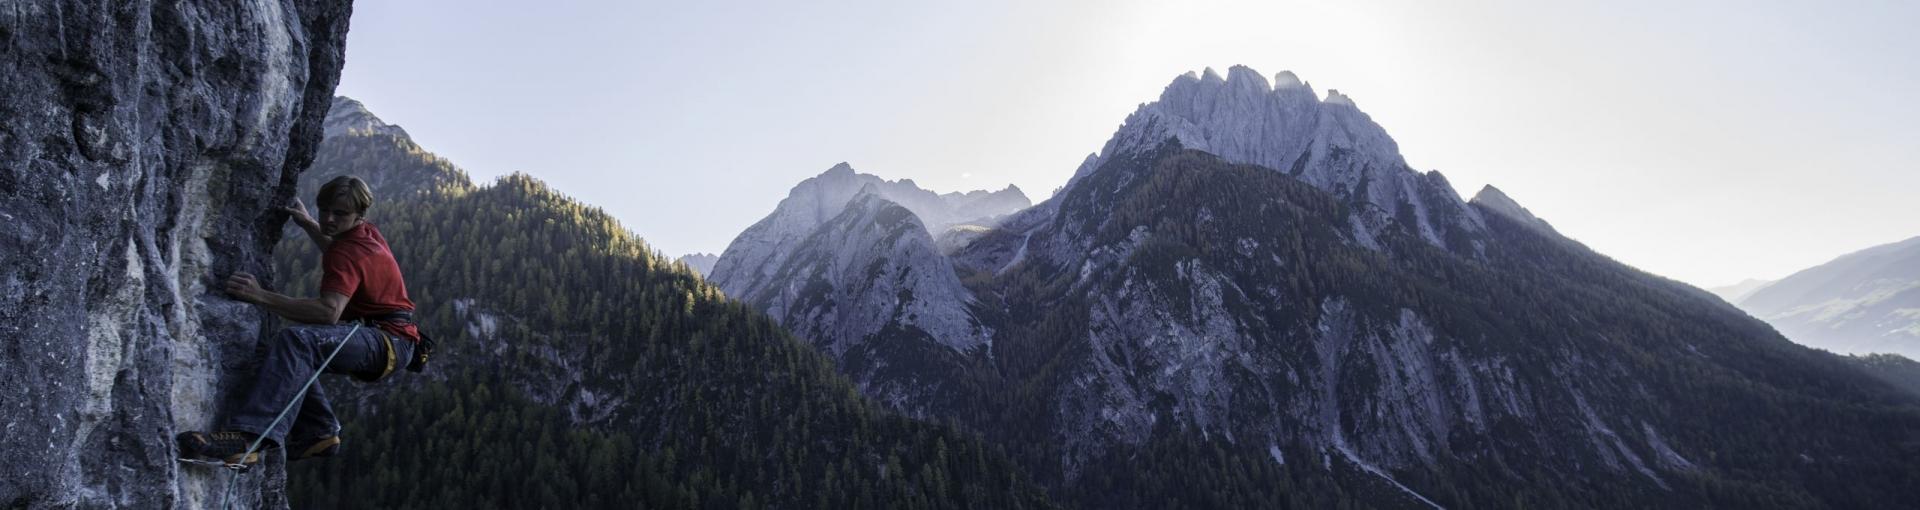 Osttirol Dolomitenhütte ©Tirol Werbung - Mair Johannes